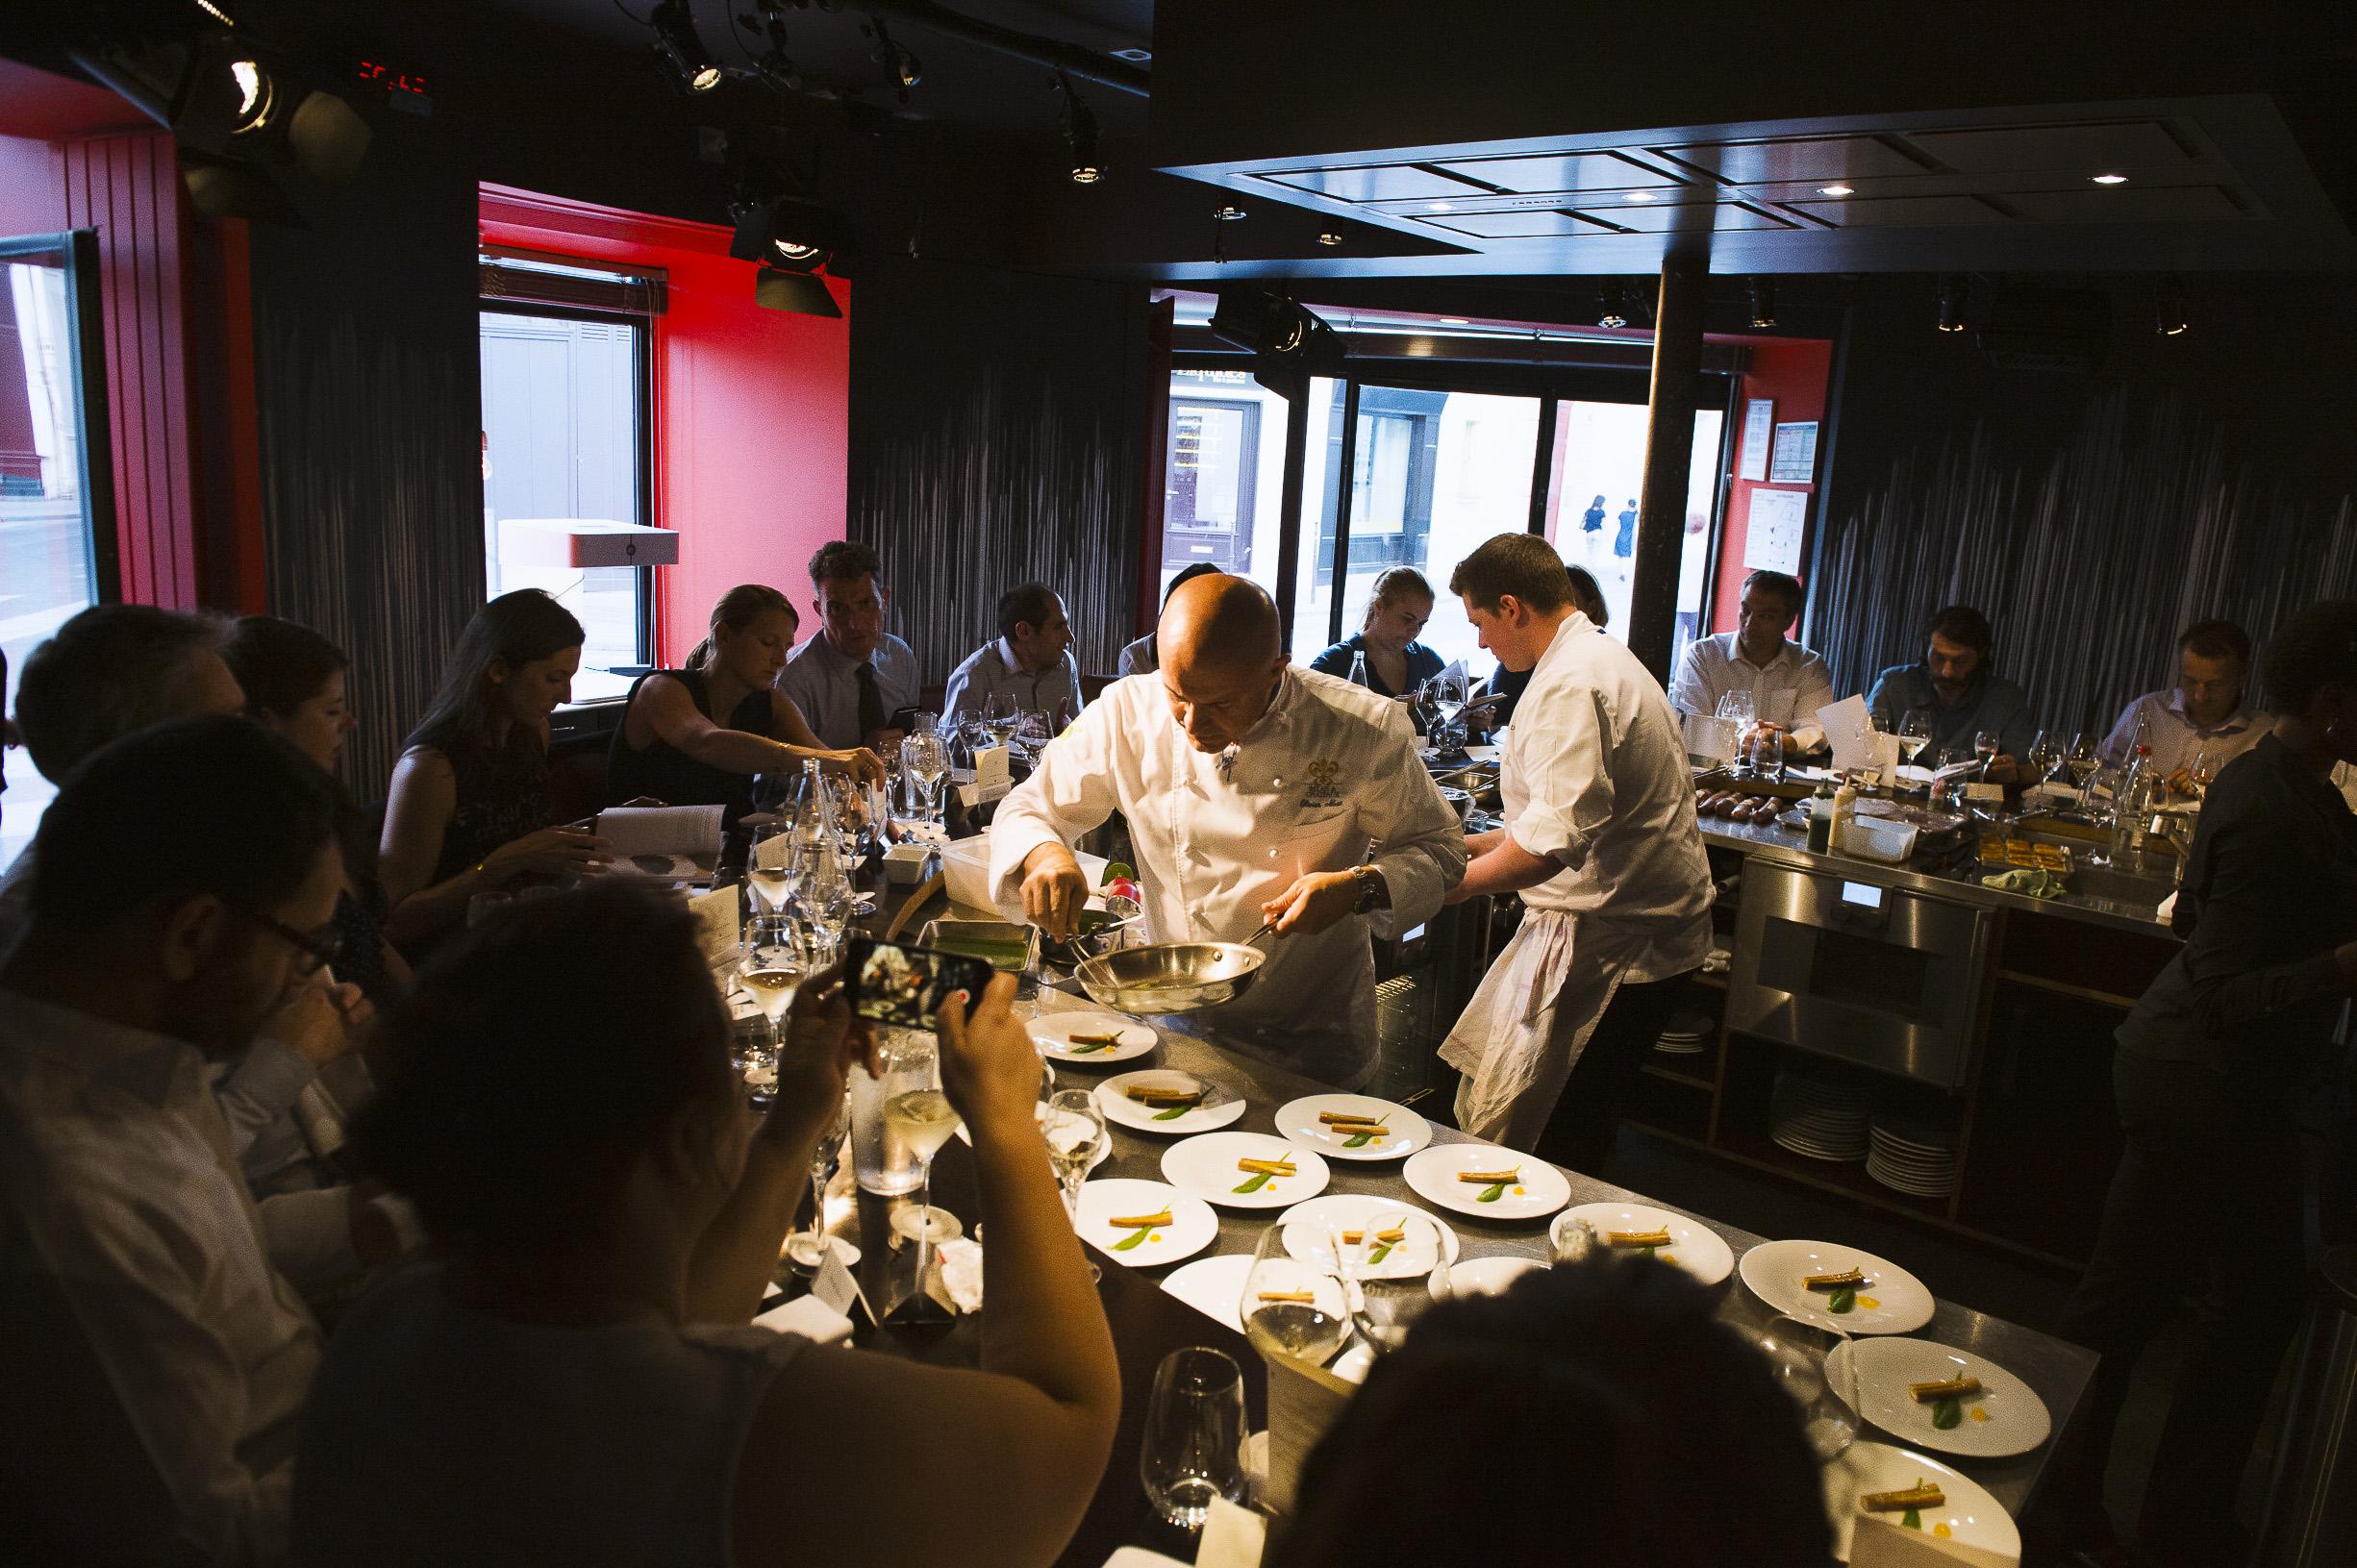 Le dîner du prix Collet, le 14 juin 2017 à Table Ronde.